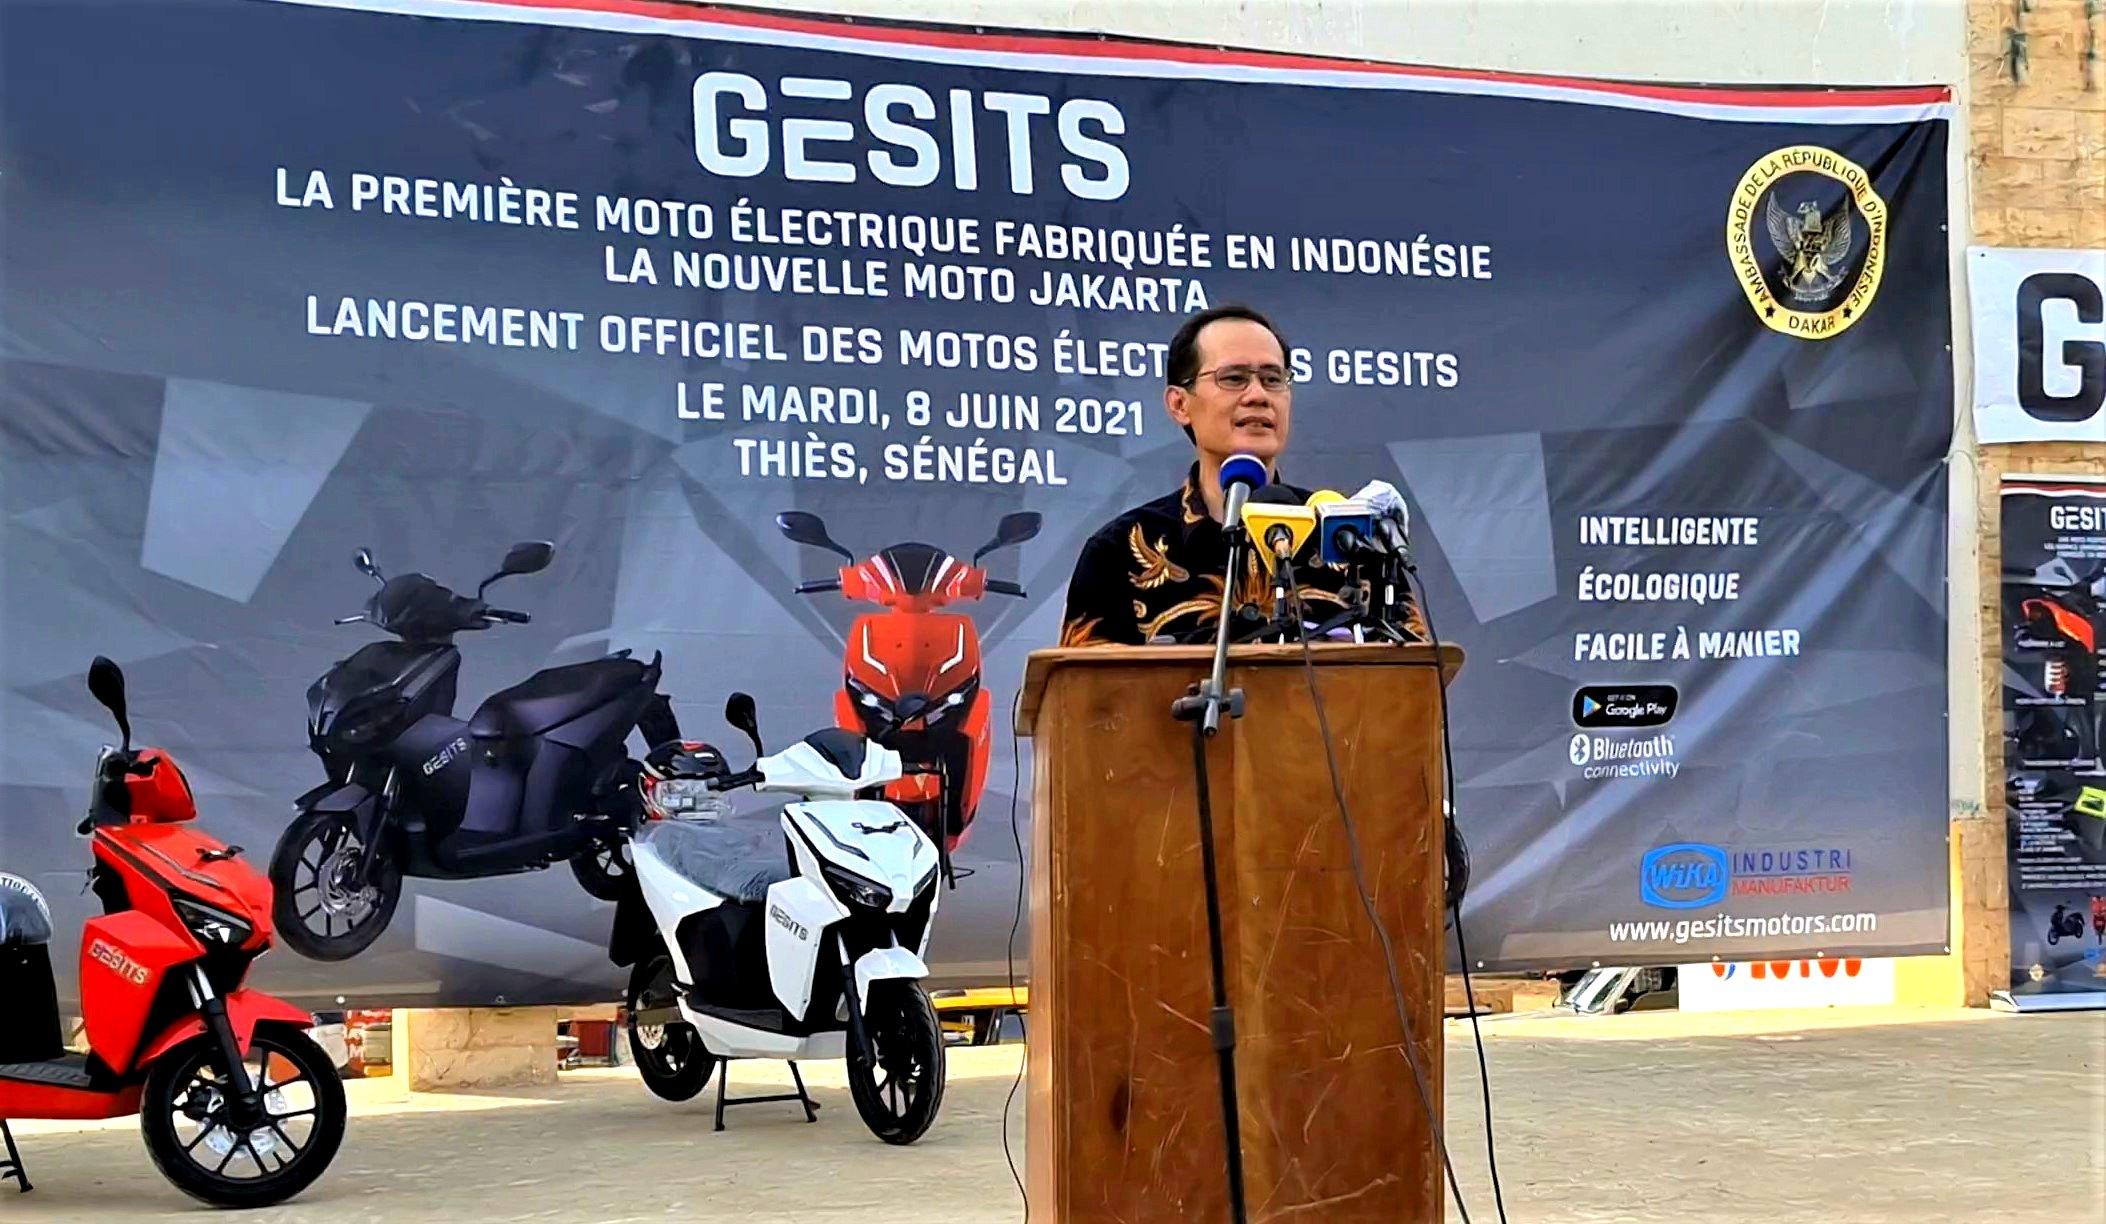 Dindin Wahyudin - Ambassadeur de la République d'Indonésie